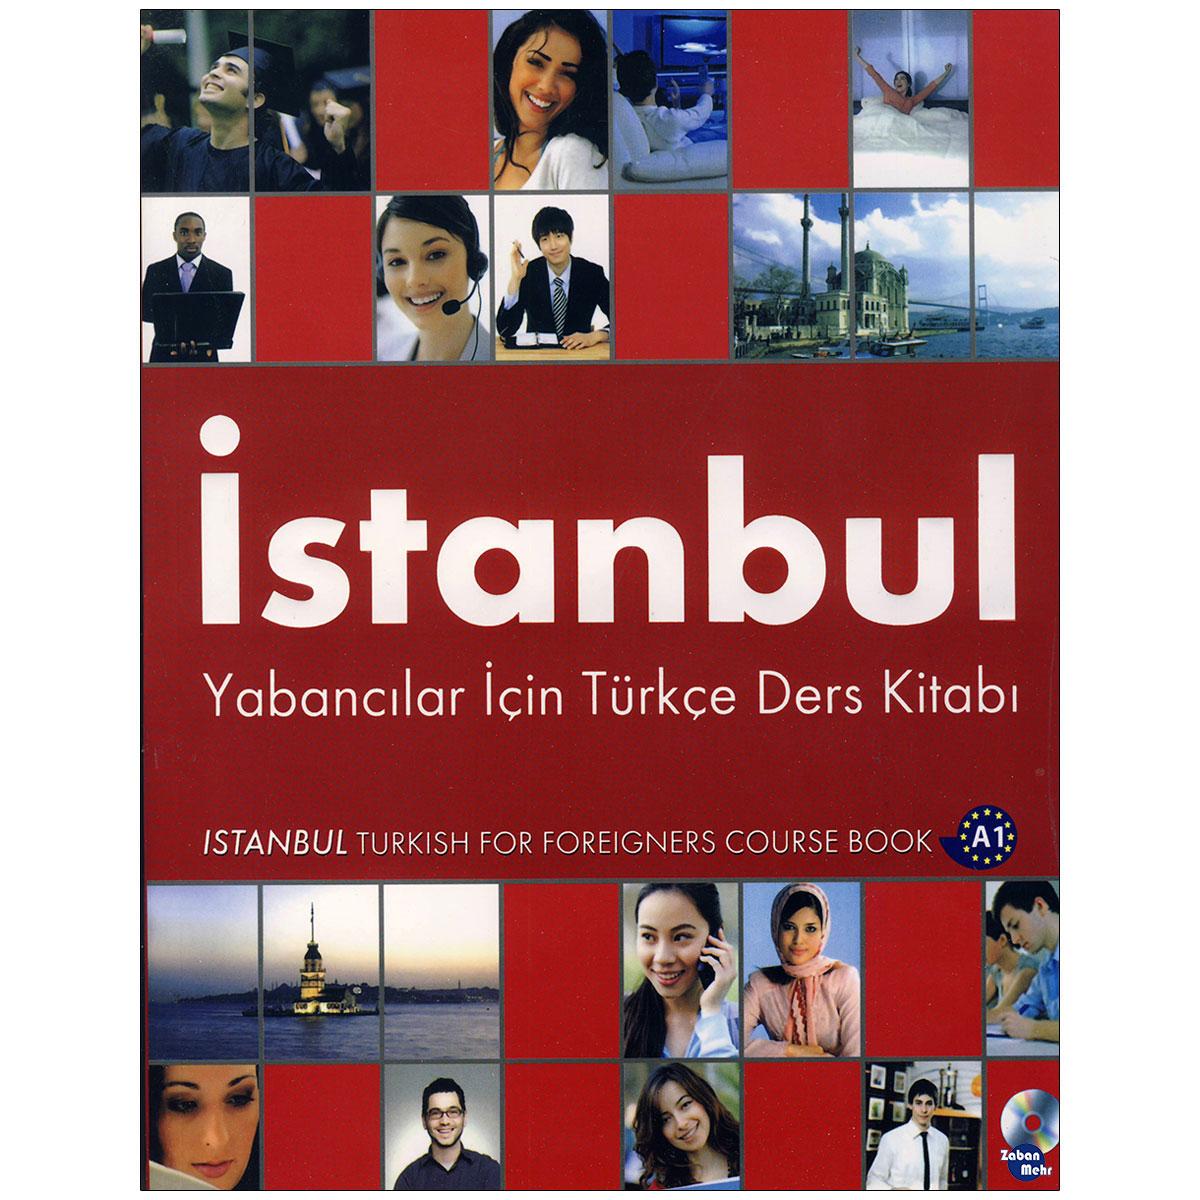 کتاب Istanbul A1 اثر جمعی از نویسندگان انتشارات زبان مهر